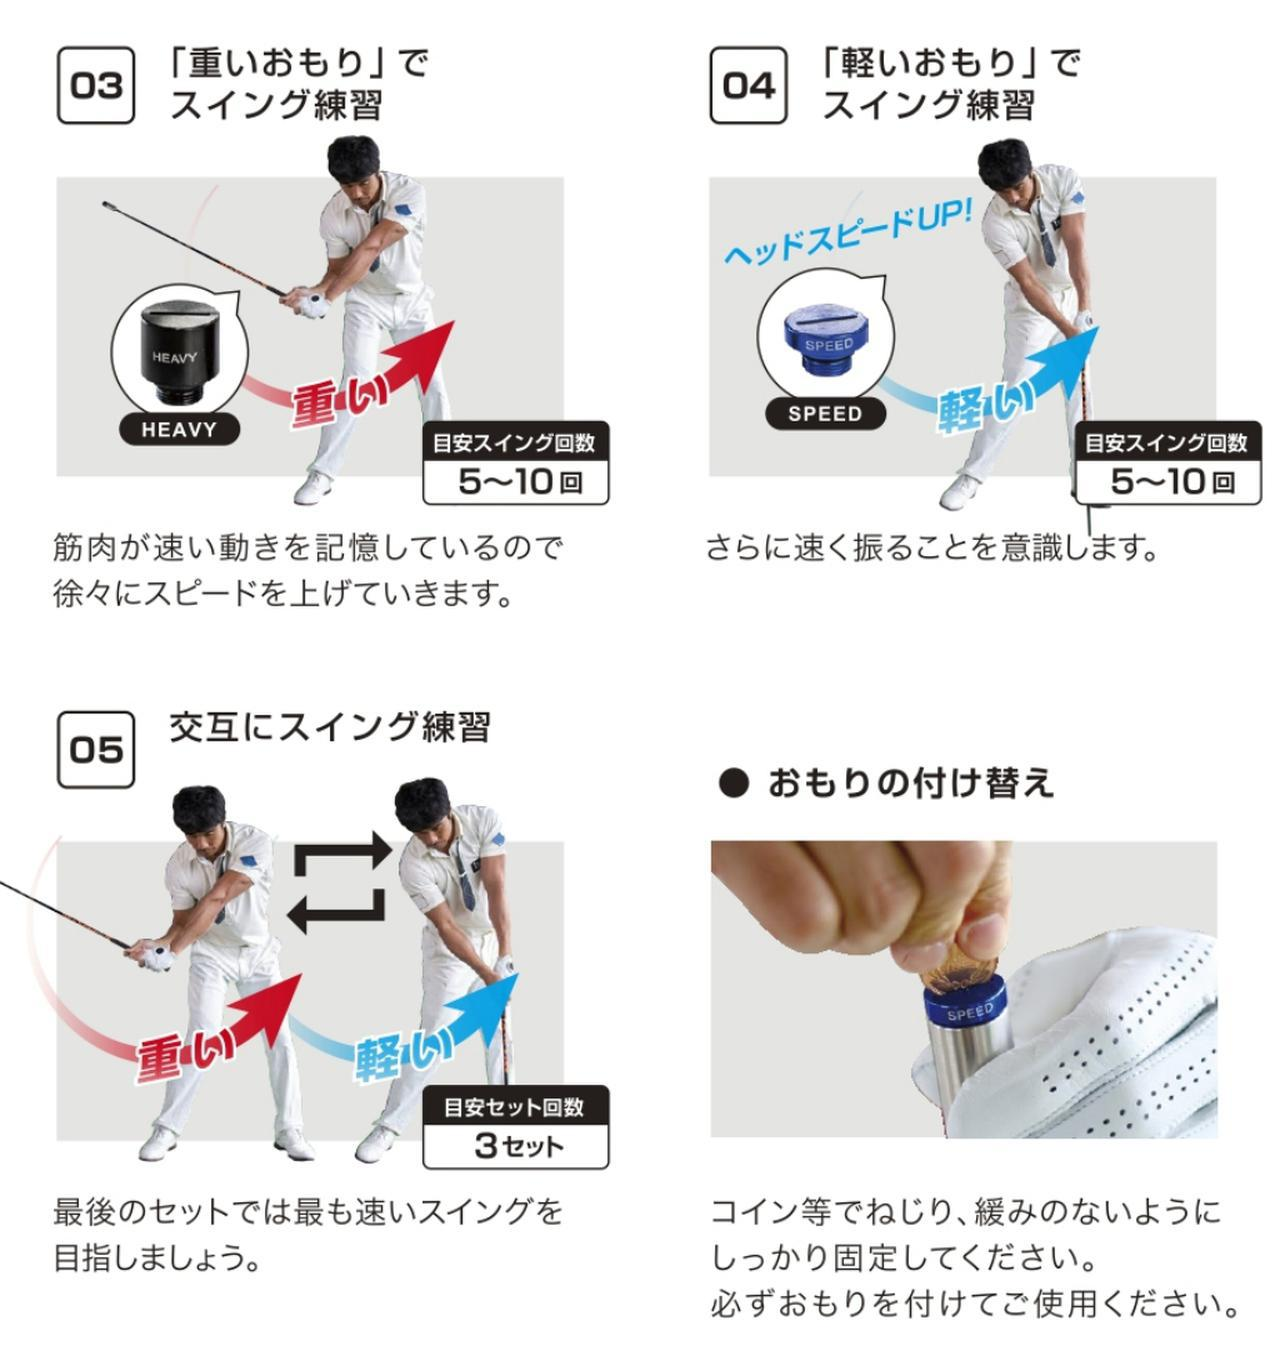 画像2: 実践! 「重いおもり」と「軽いおもり」を交互にスウィング